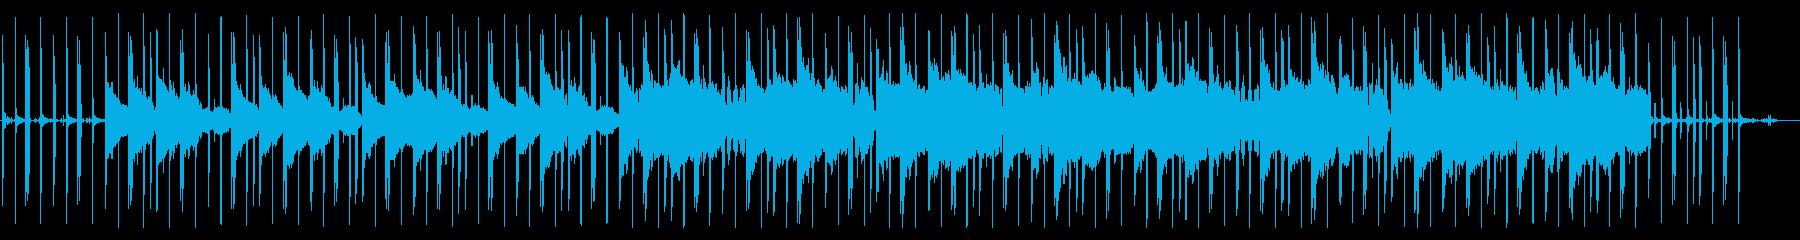 メロウでおしゃれなローファイヒップホップの再生済みの波形